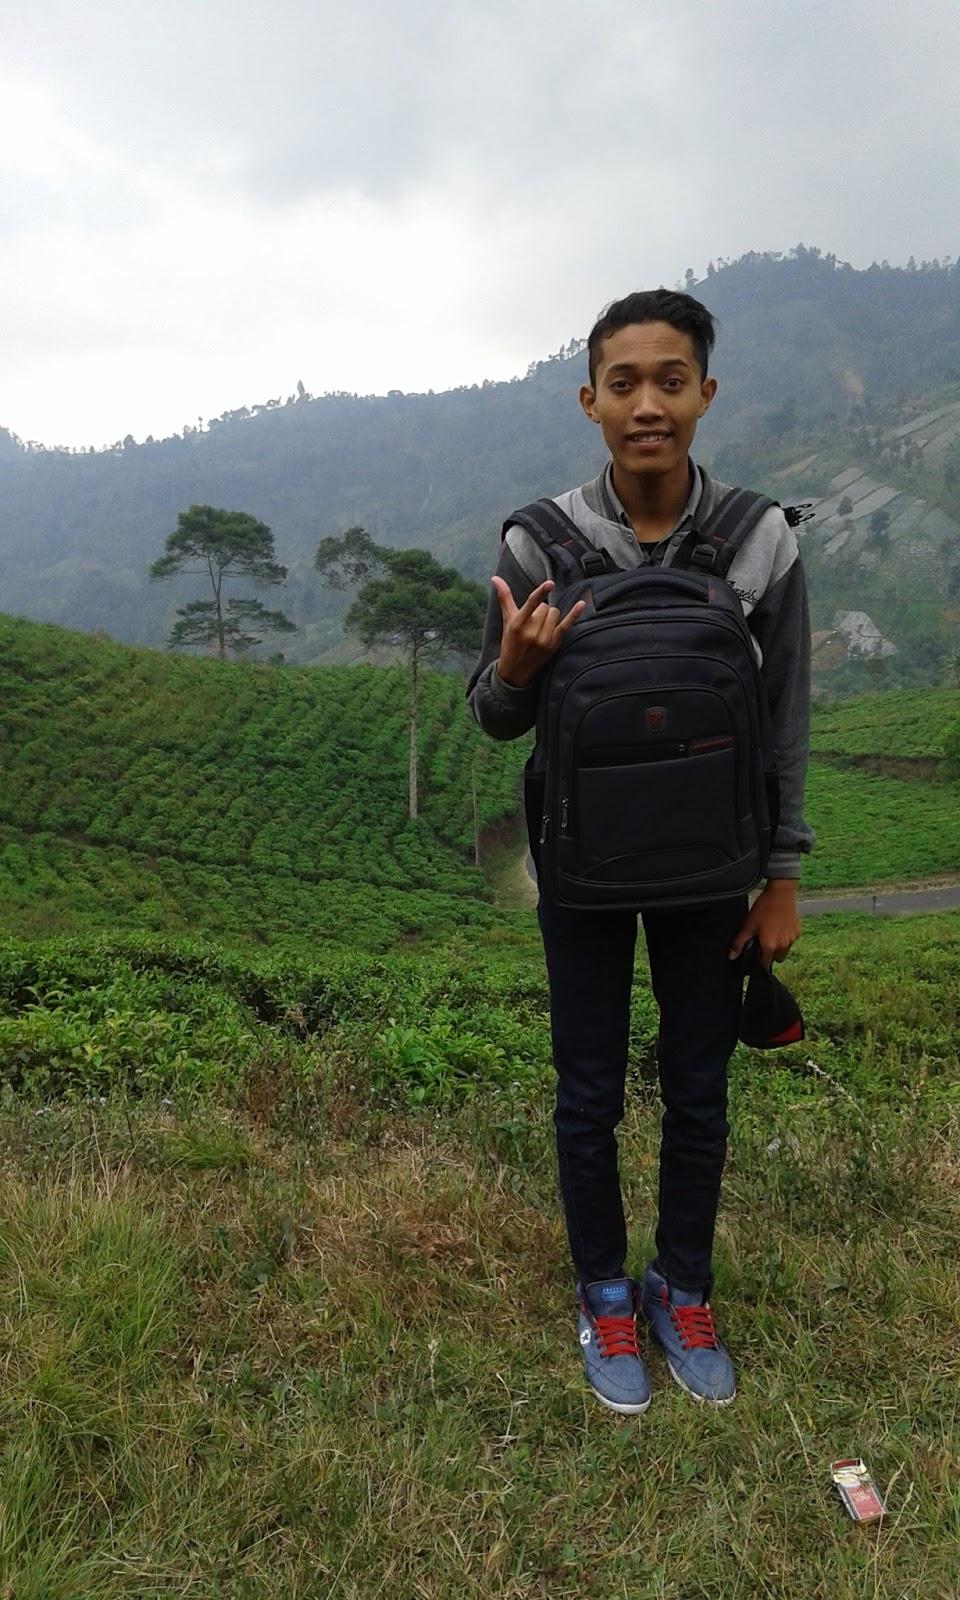 Jalan Jalan With Konco Konco Orang Jawa Asli Banget